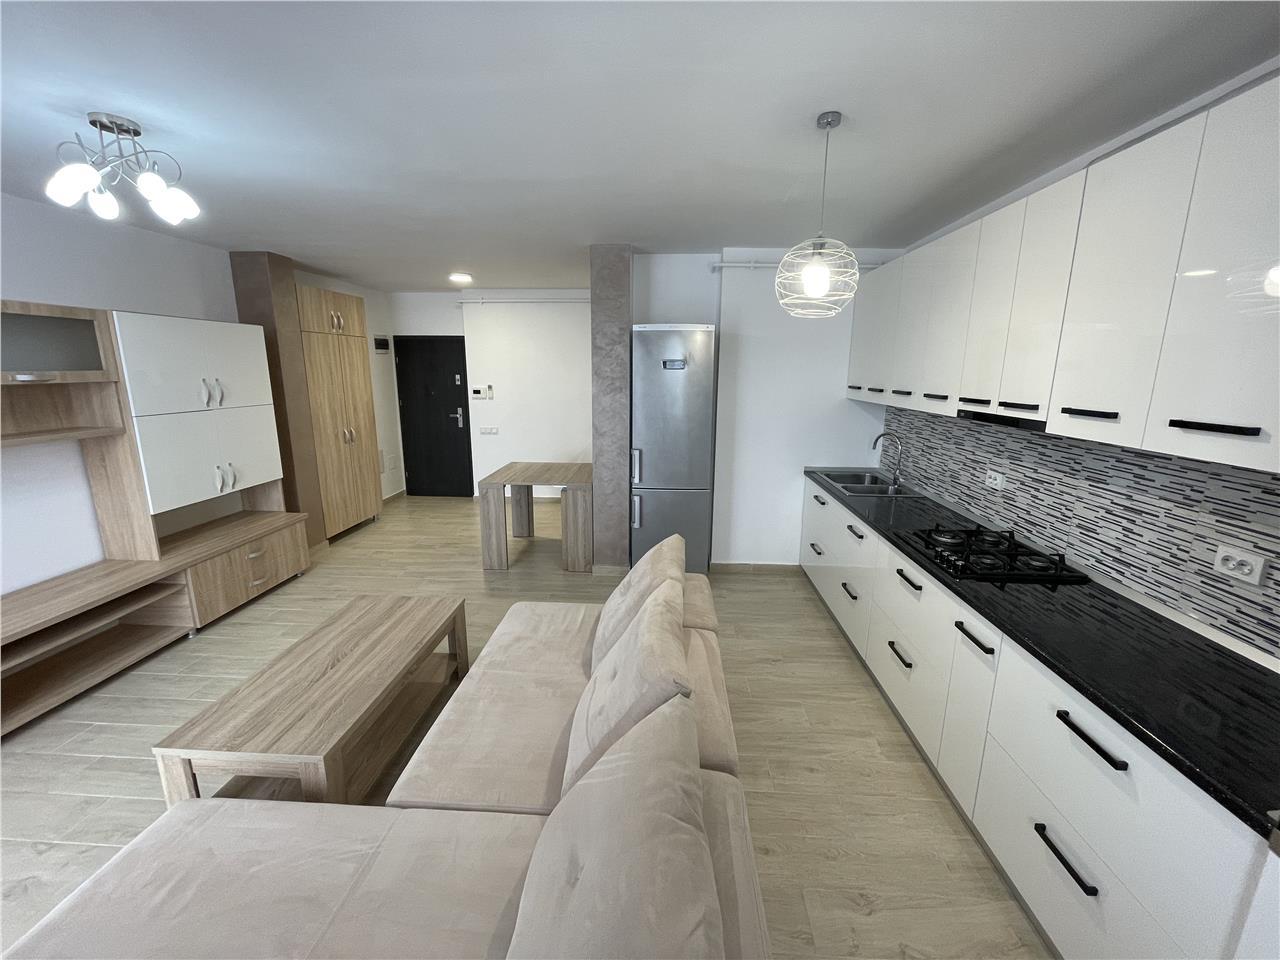 Apartament 2 camere, superfinisat, Grand Park, garaj